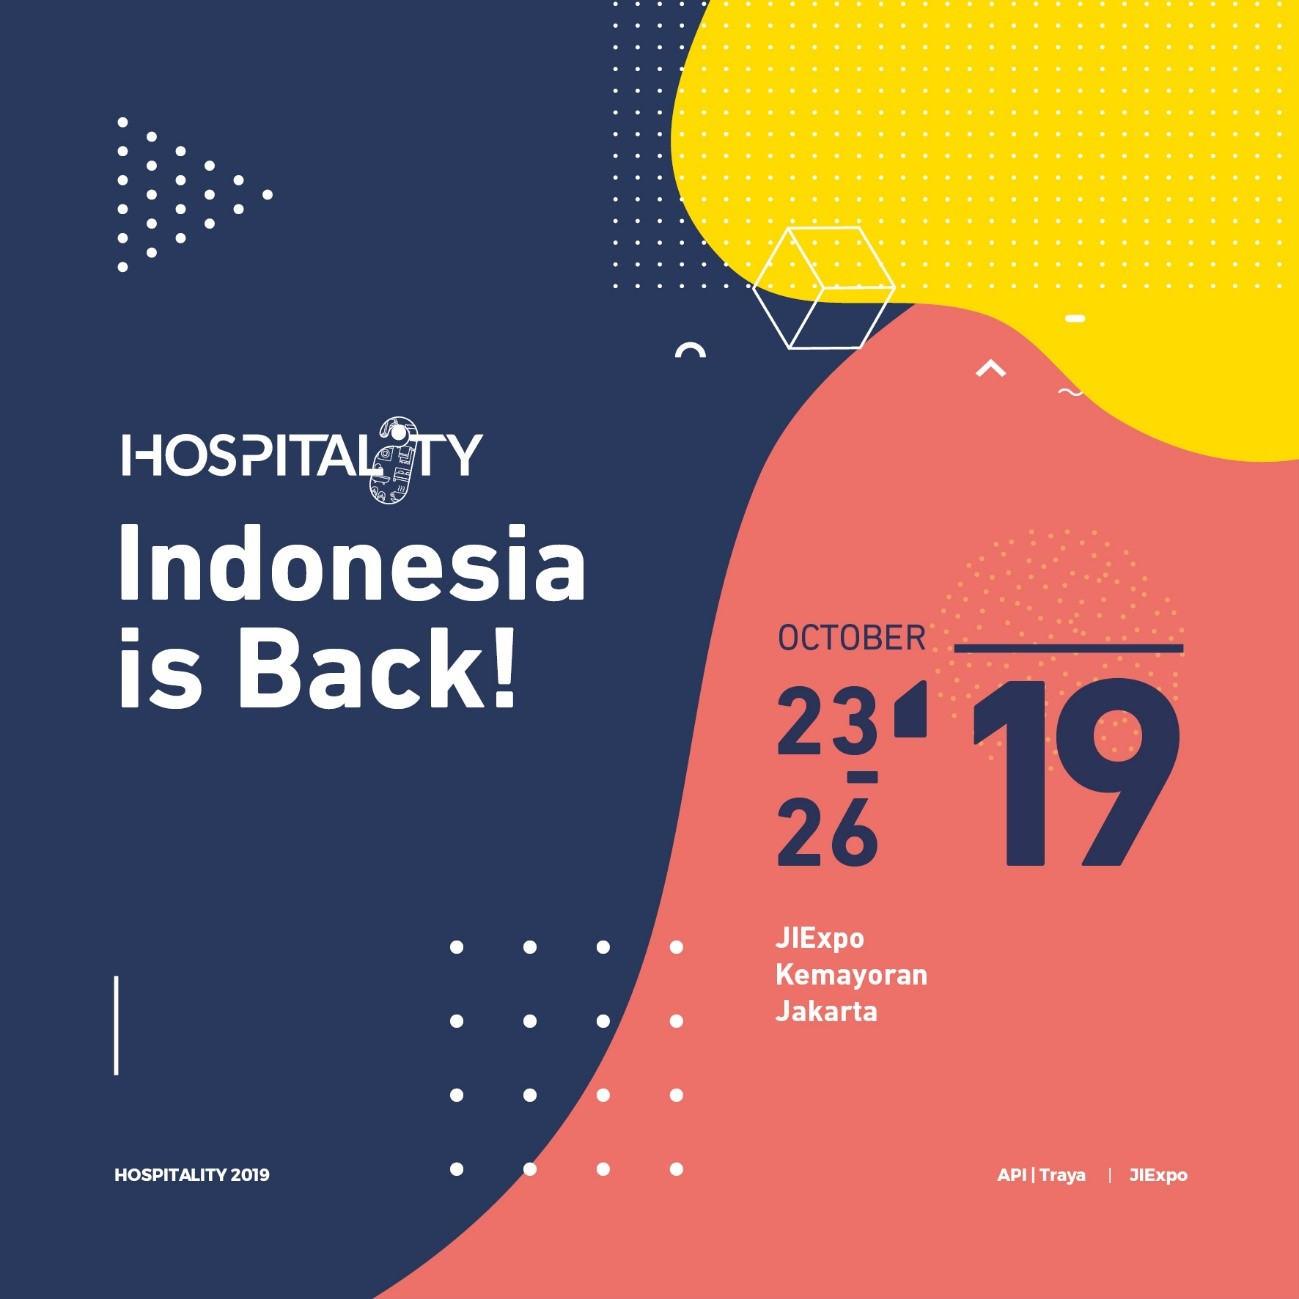 Pameran Hospitality Indonesia 2019: Mengusung Inovasi Desain yang Berbasis Humanis